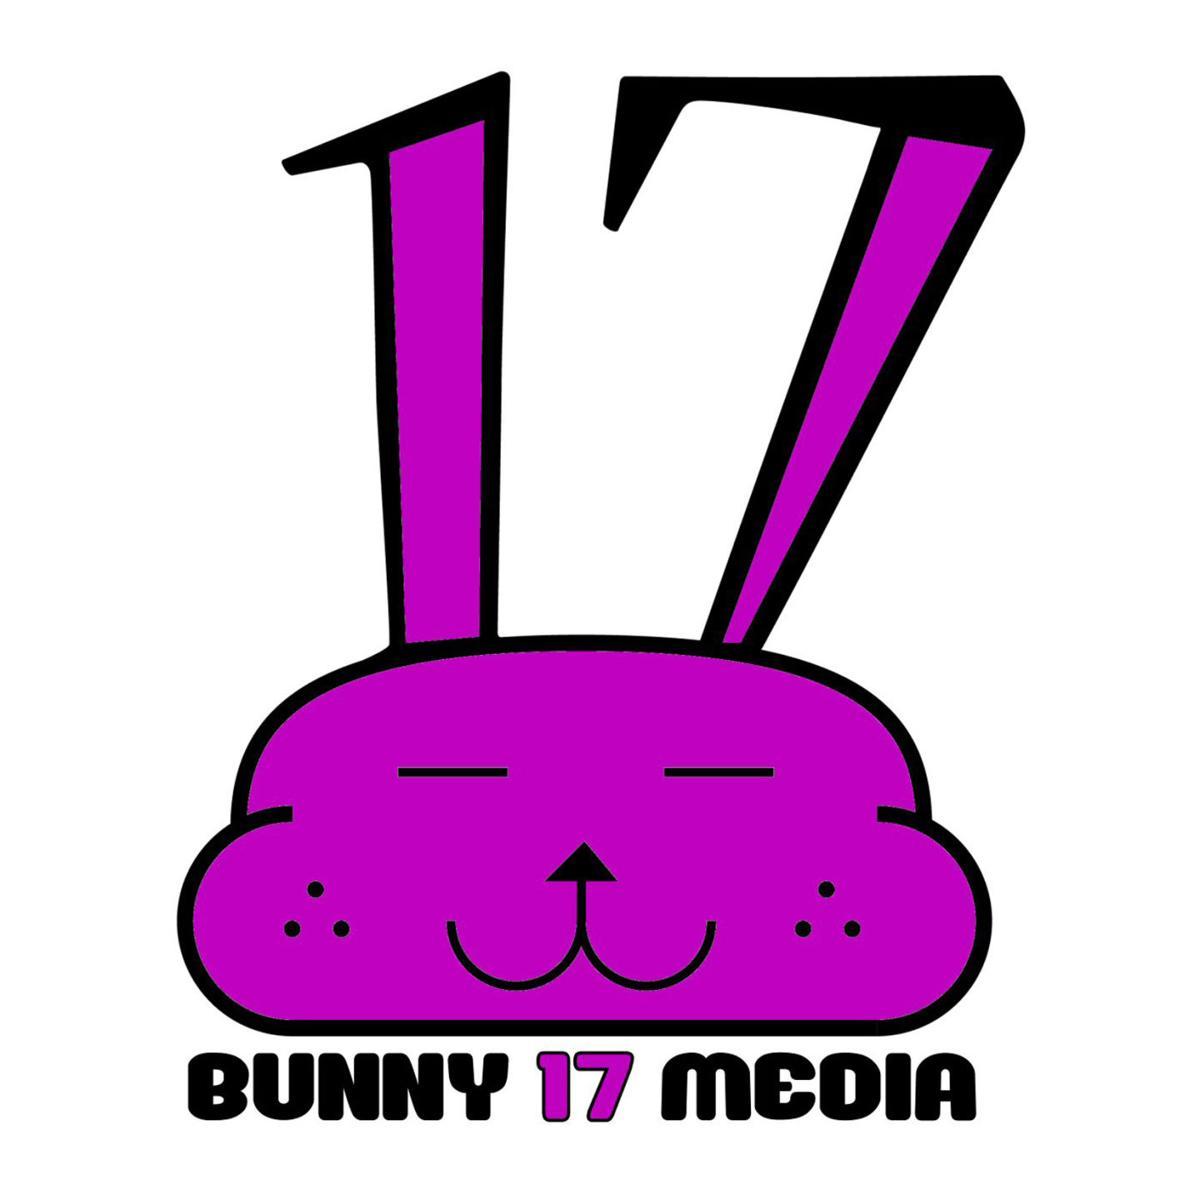 Bunny 17 Media